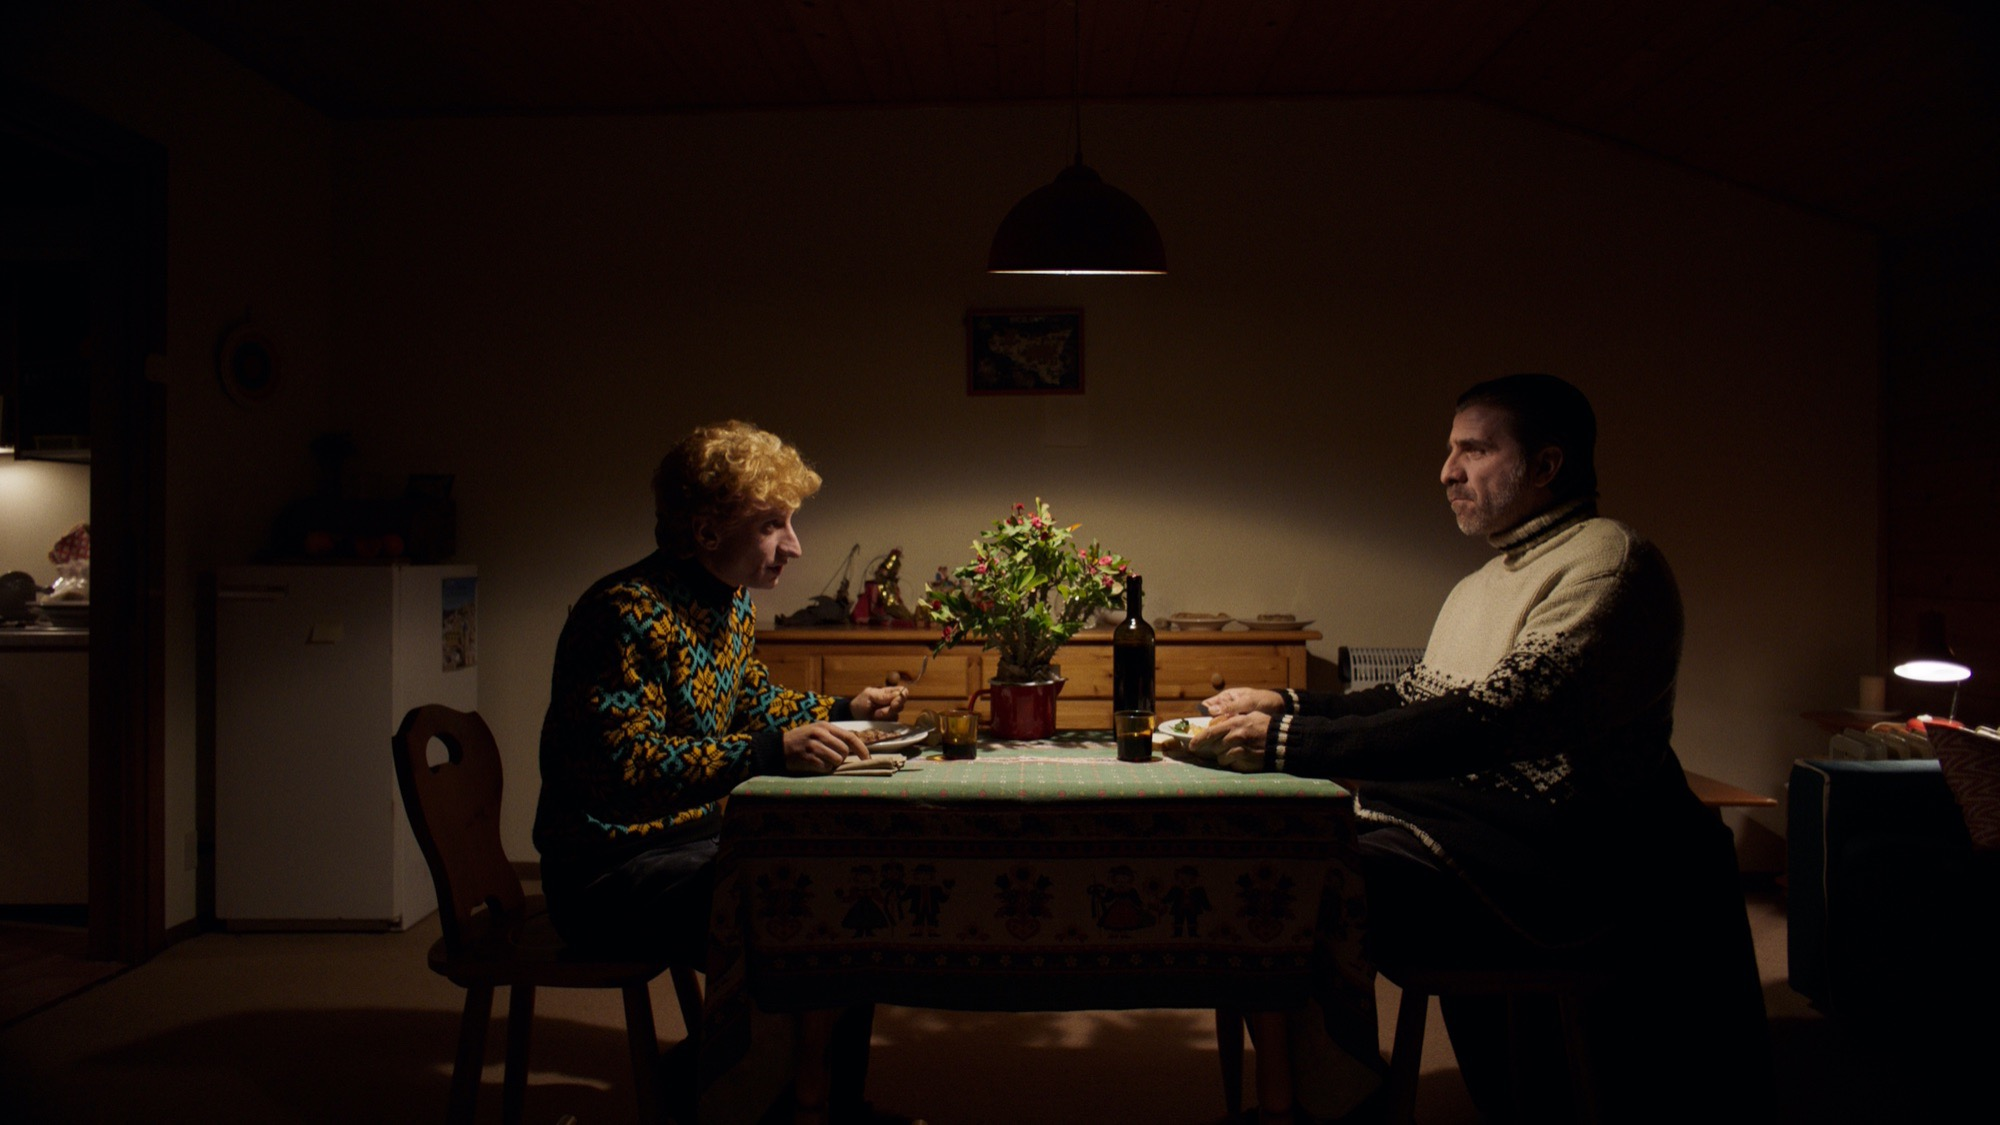 The Rossellinis: il documentario di Alessandro Rossellini sulla sua famiglia (recensione)